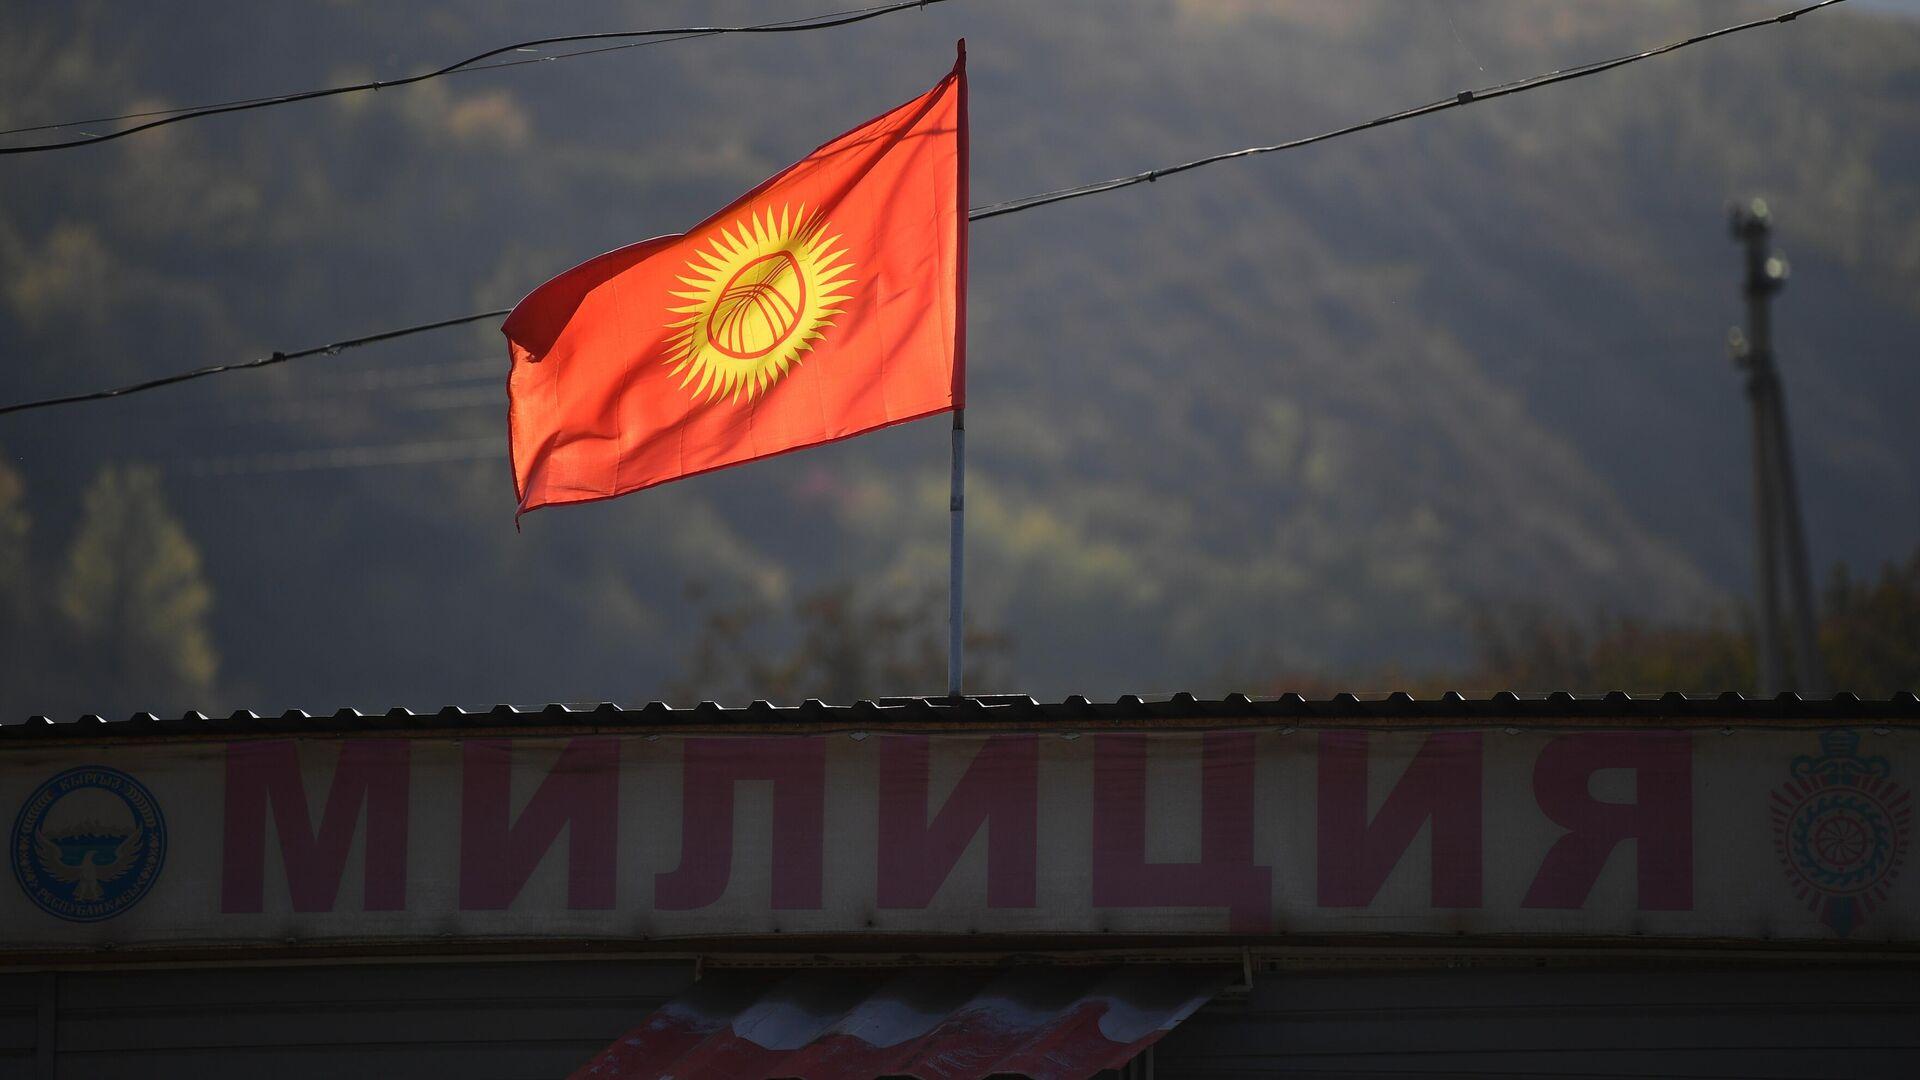 Флаг Киргизии на отделении милиции на въезде в Бишкек - РИА Новости, 1920, 23.10.2020